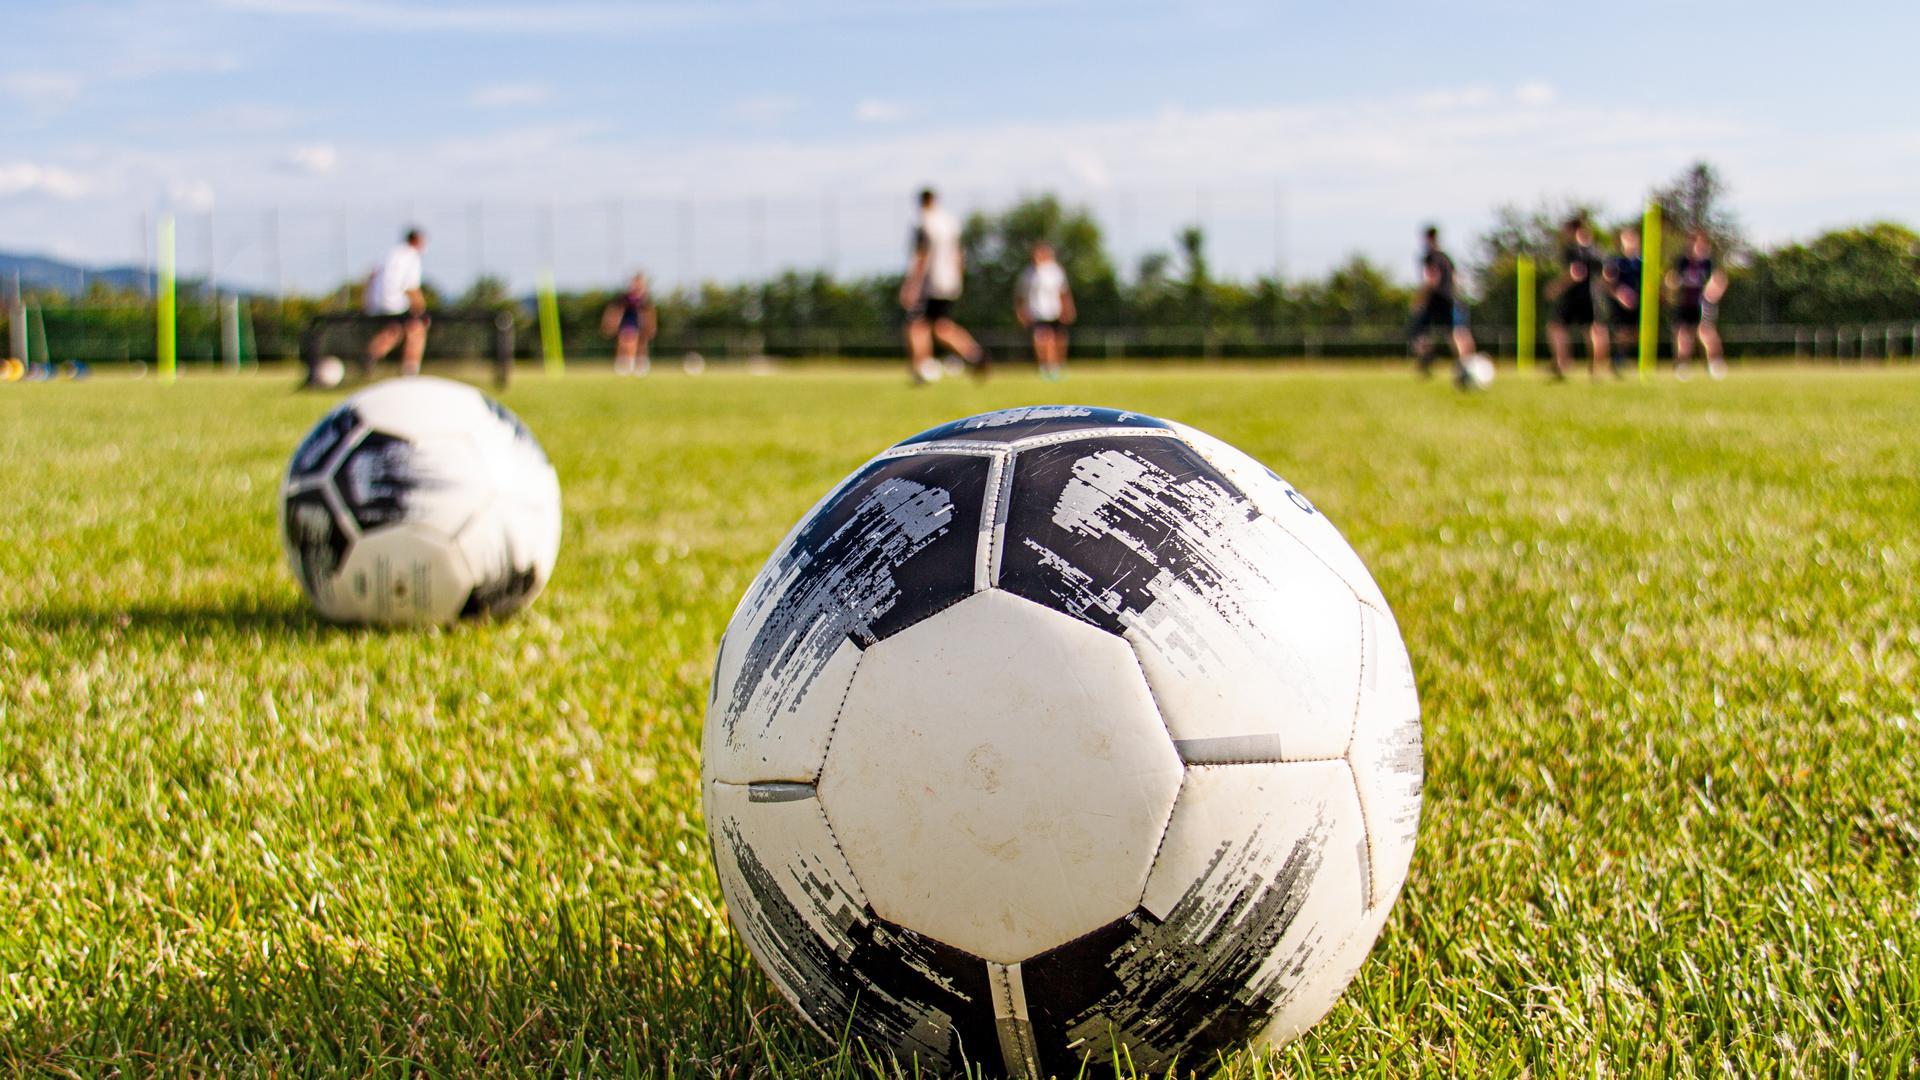 Beim SV Sasbach haben auch die C-Junioren ihr Training wieder aufgenommen. Da der Verein über zwei Rasenplätze verfügt, gibt es genügend Raum, um die geltenden Hygienekonzepte umsetzen zu können. Foto: Michael Brück